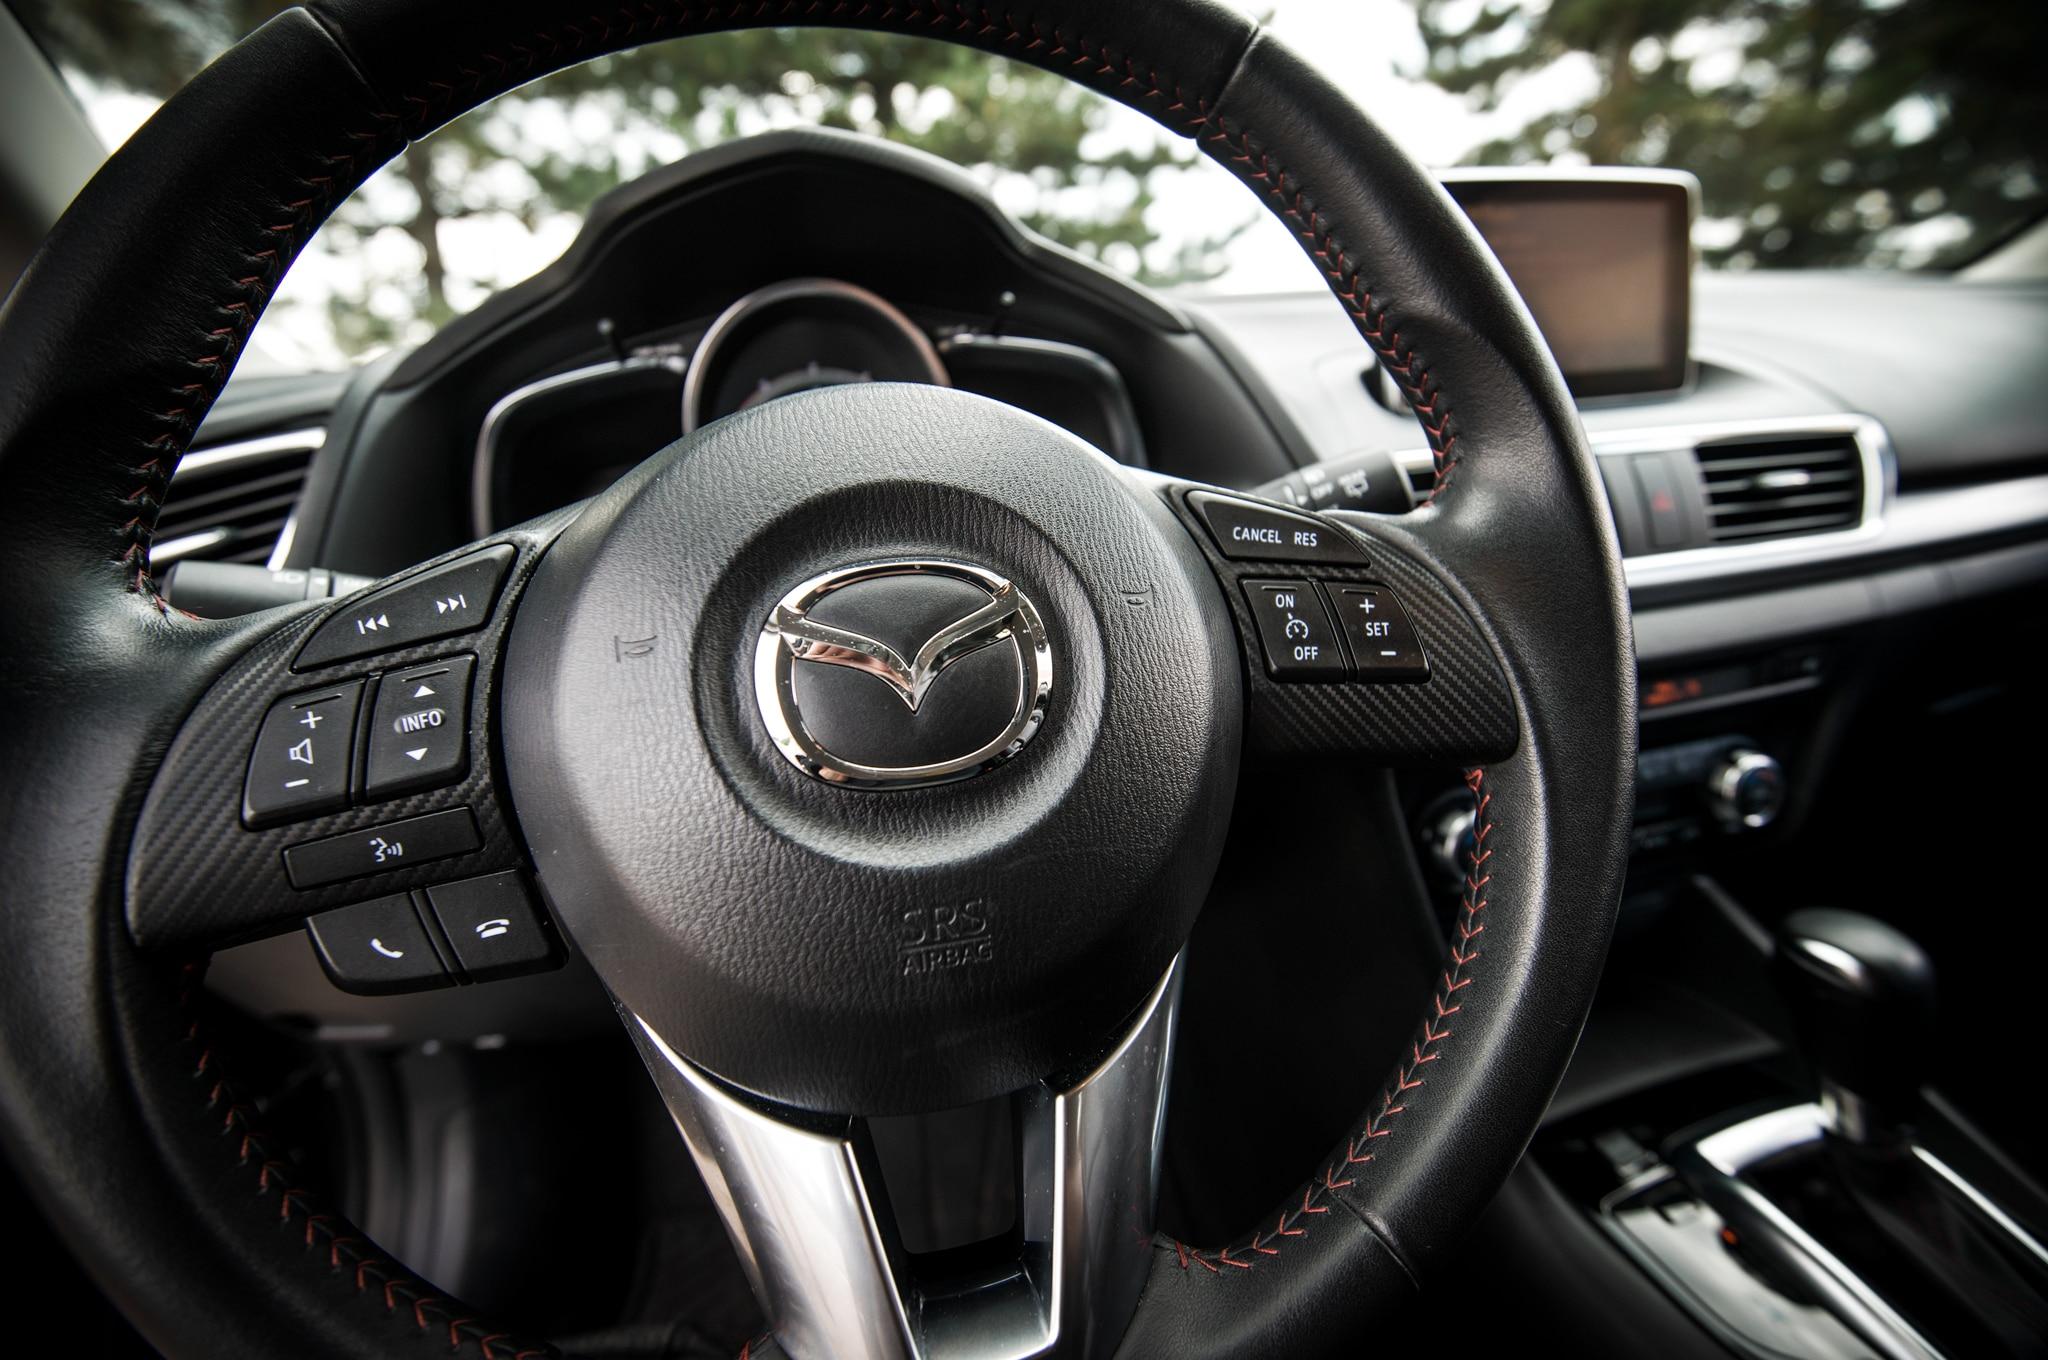 2014 Mazda 3 S Touring - Four Seasons Wrap-Up 2014 Mazda 3 Wheel Specs